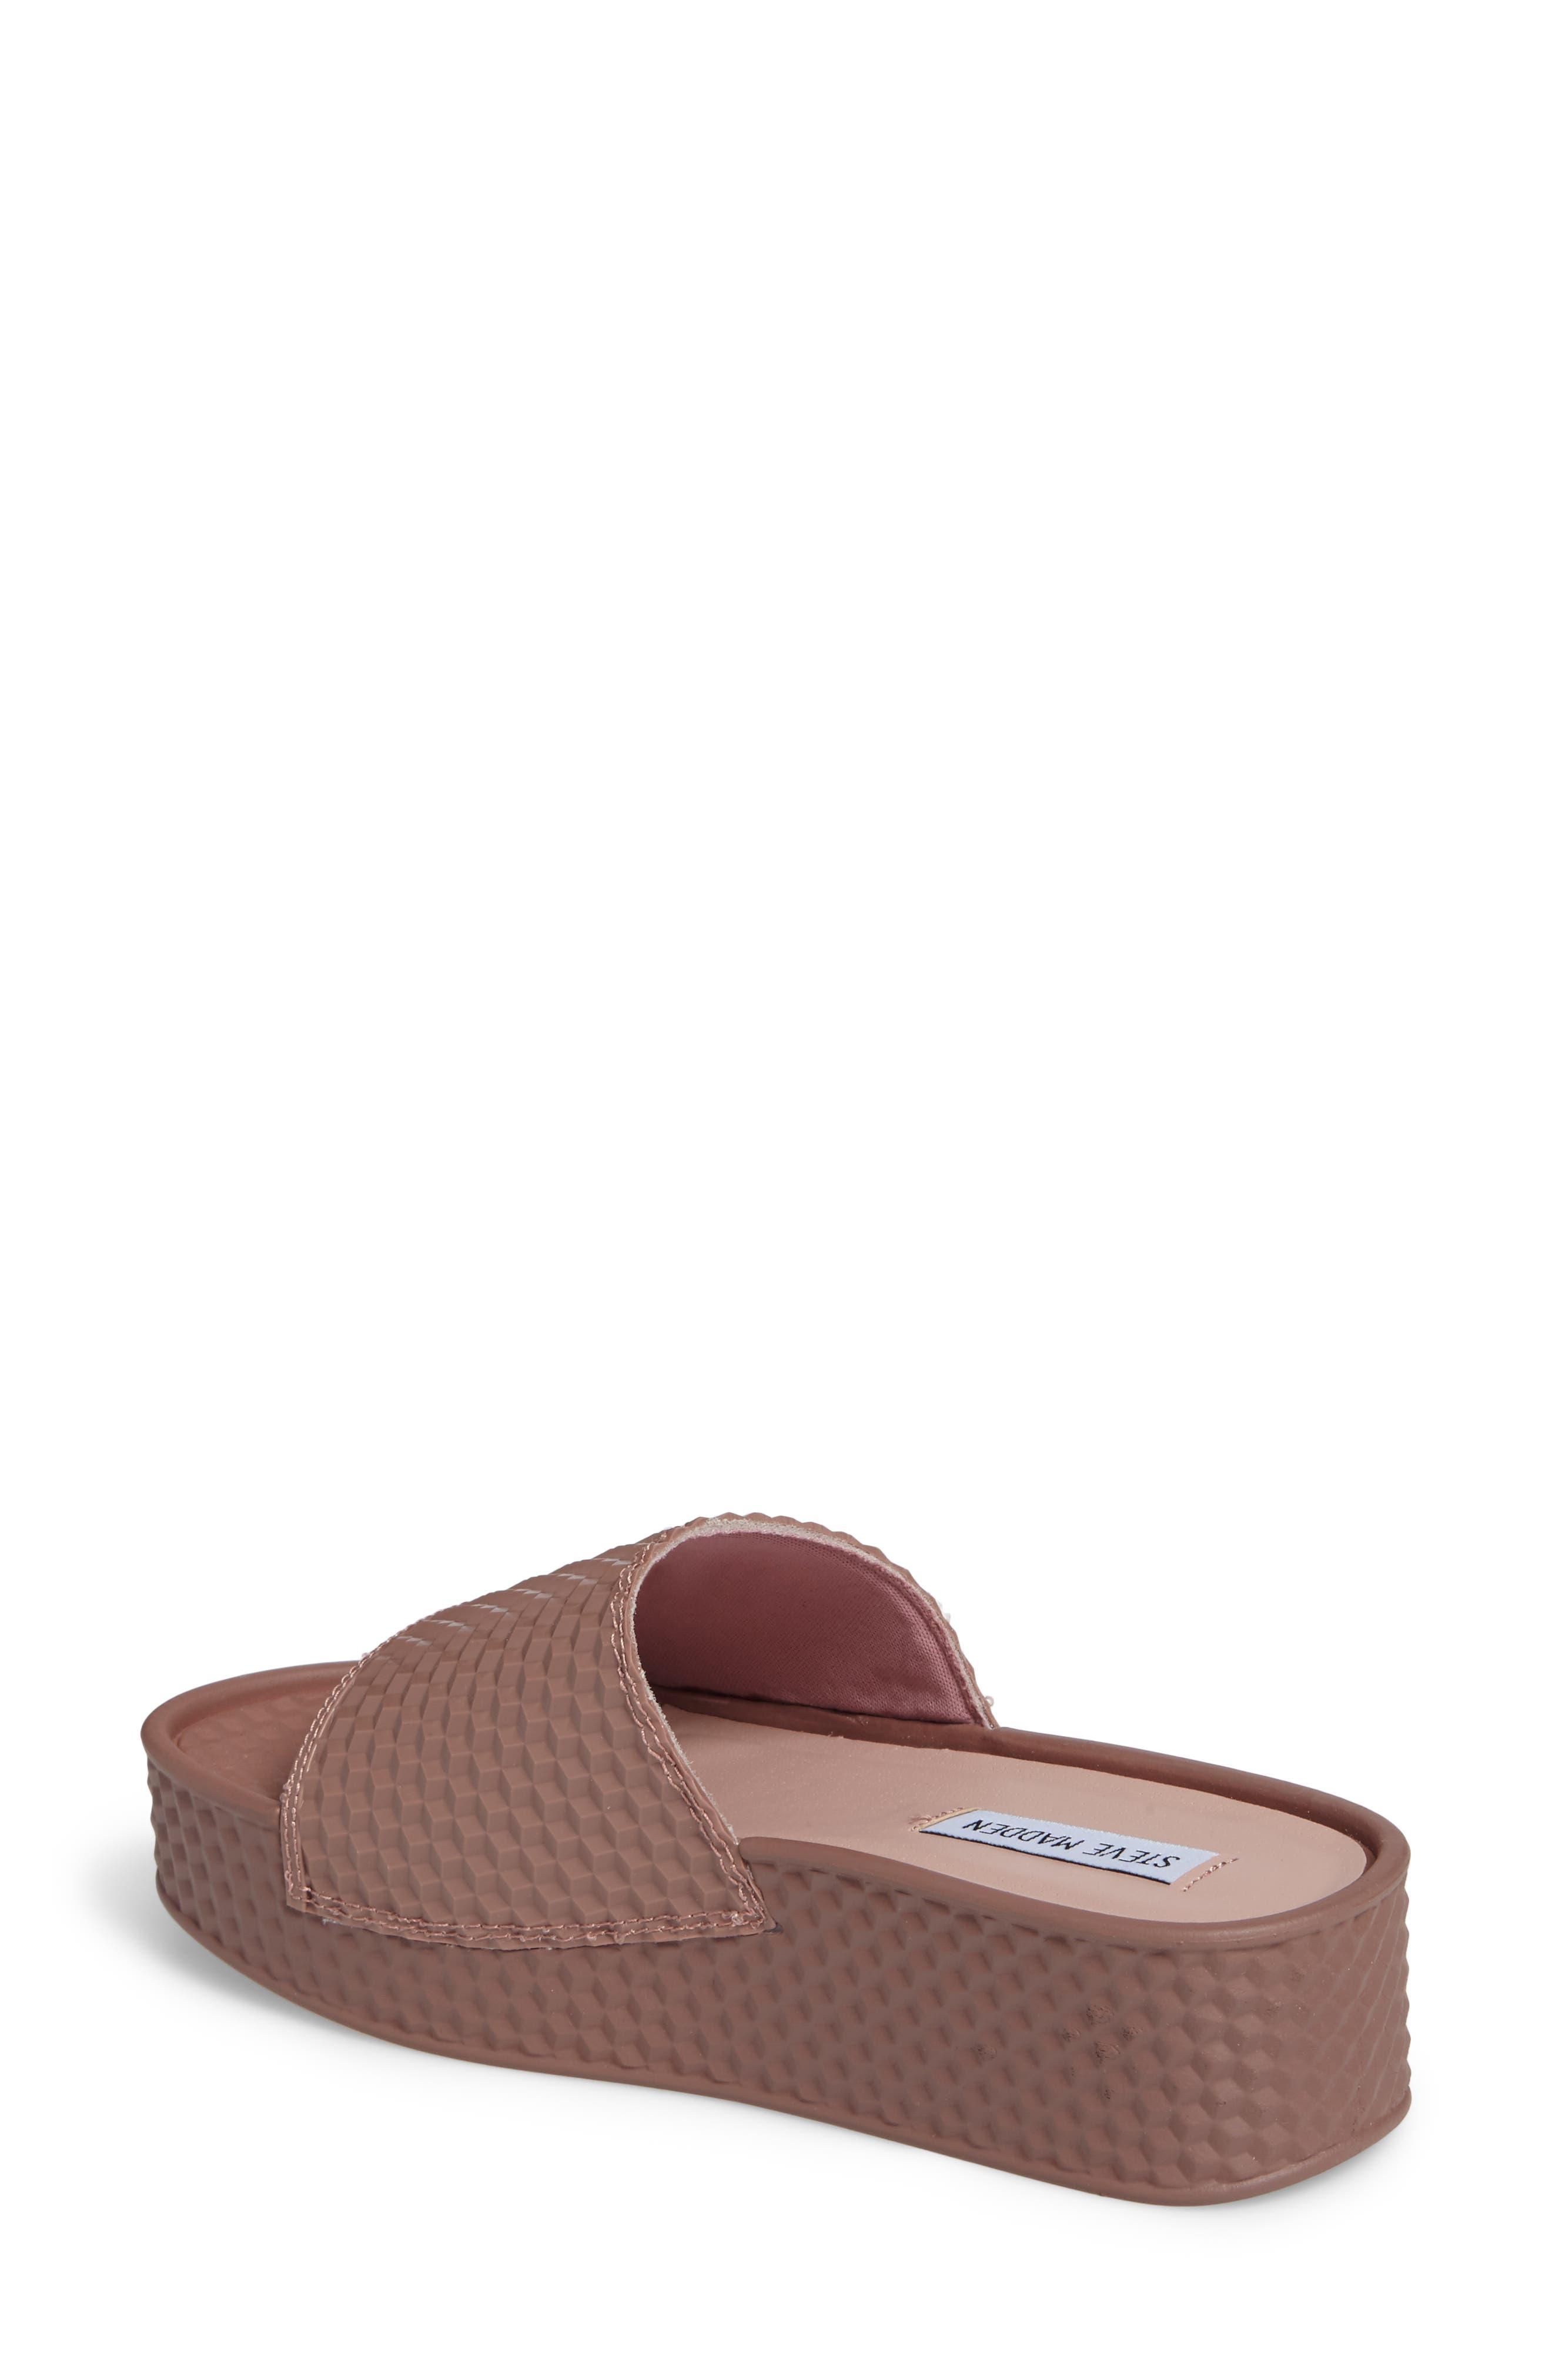 Alternate Image 2  - Steve Madden Sharpie Slide Sandal (Women)